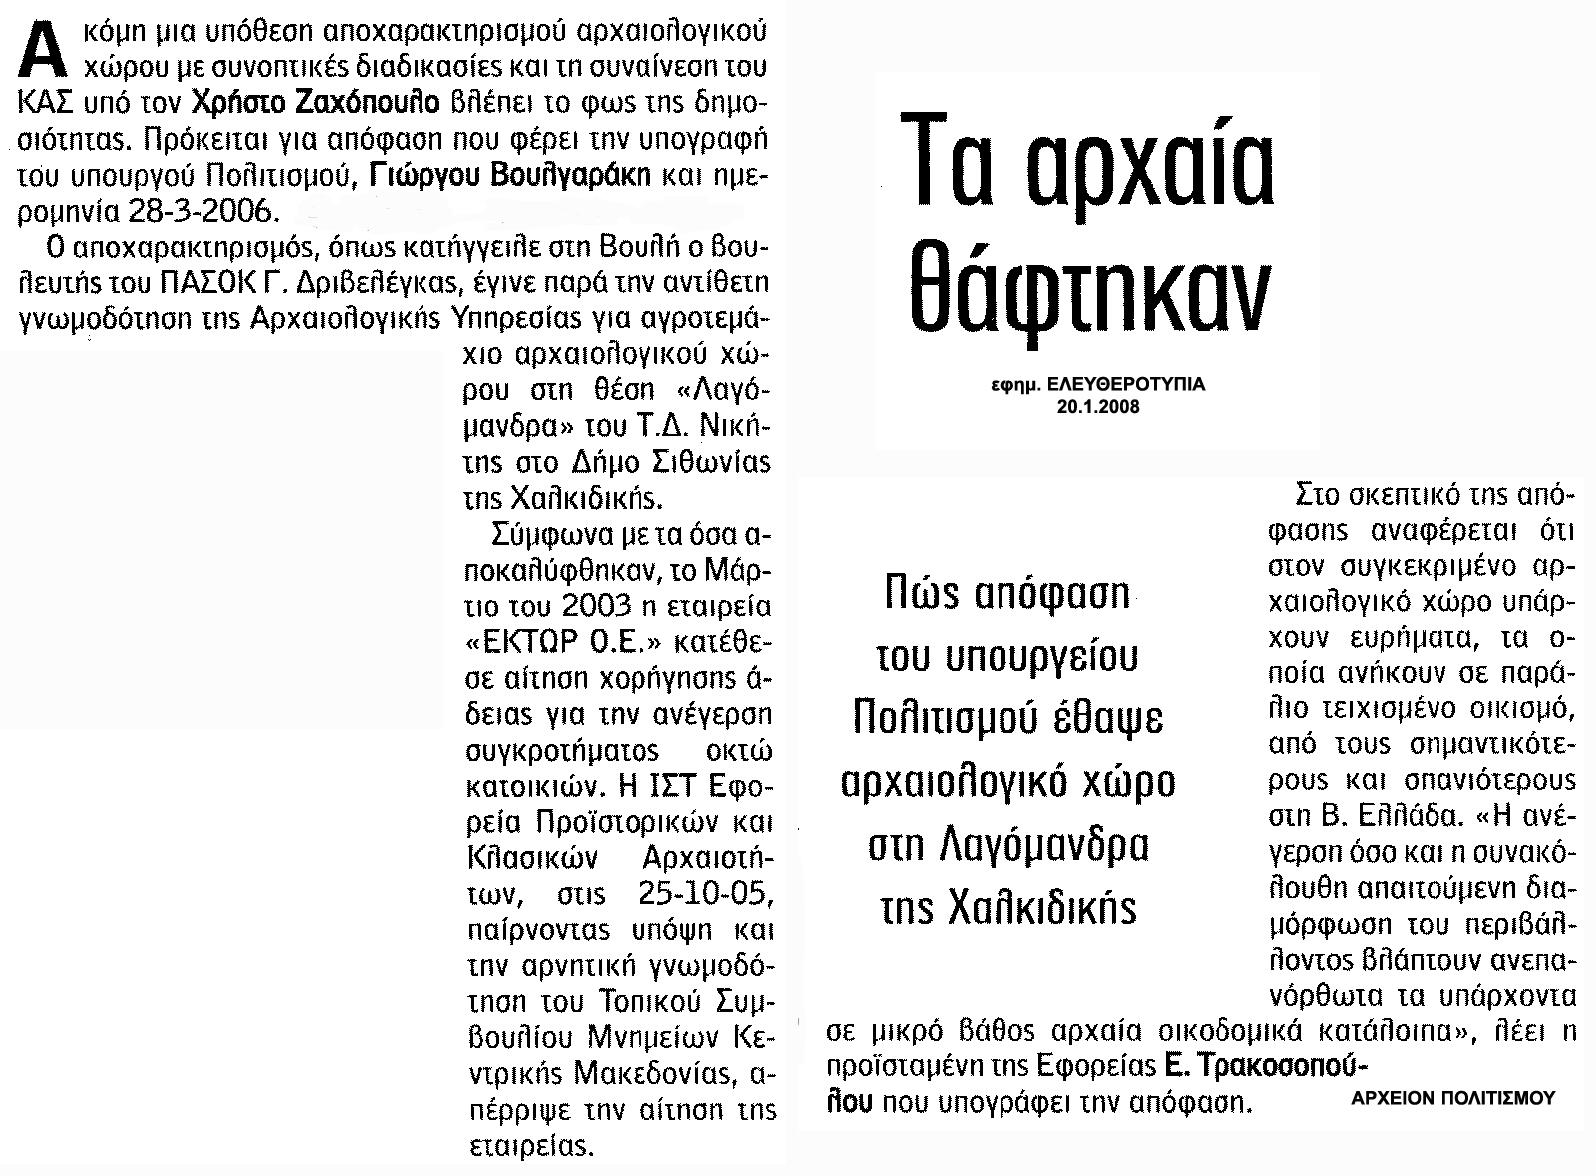 Με απόφαση Βουλγαράκη-Ζαχόπουλου-ΚΑΣ θάφτηκαν αρχαία στην Λαγομάνδρα, στην Νικήτη Χαλκιδικής